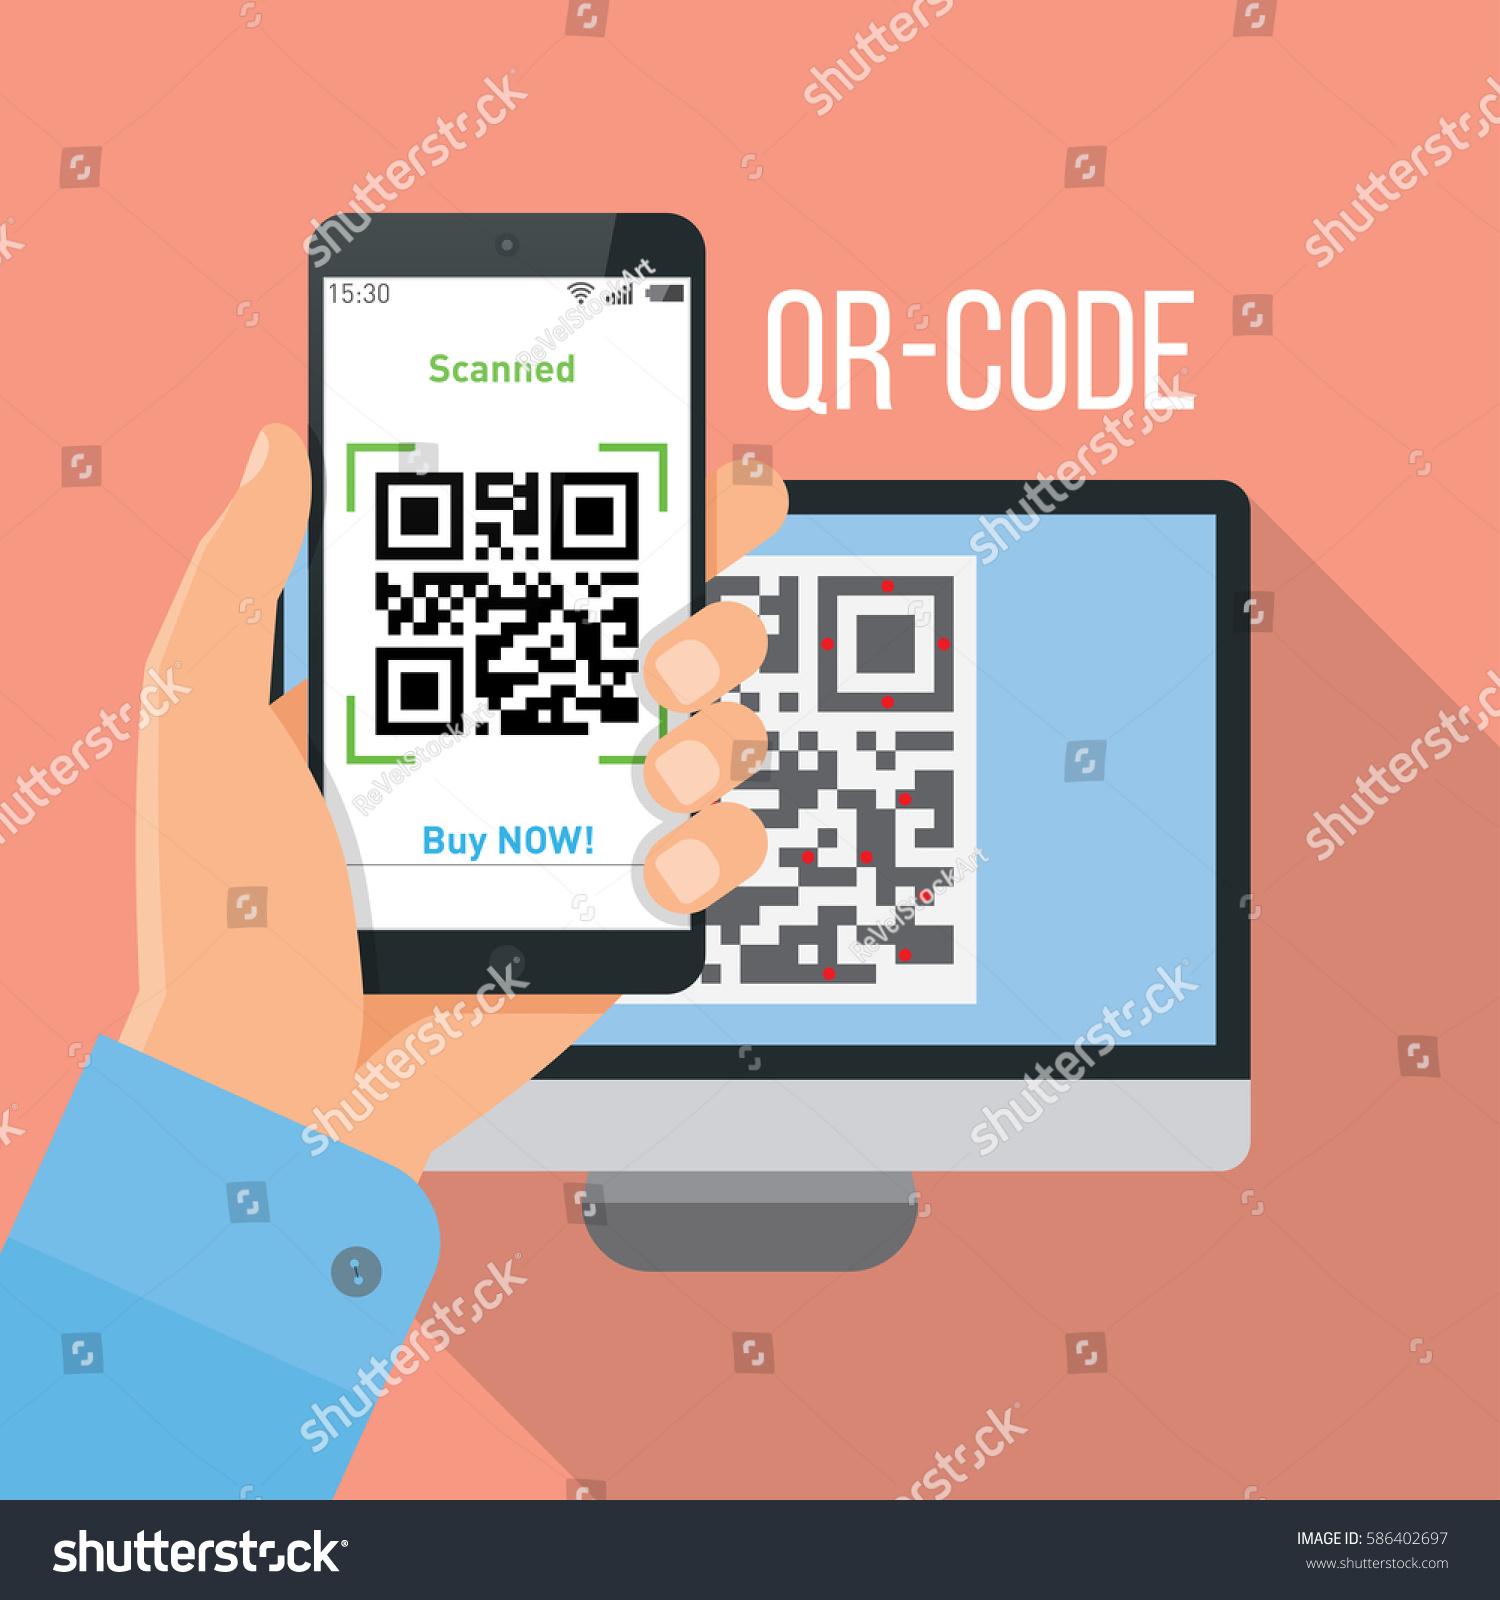 mobile app scanning qrcode stock vector 586402697 shutterstock. Black Bedroom Furniture Sets. Home Design Ideas